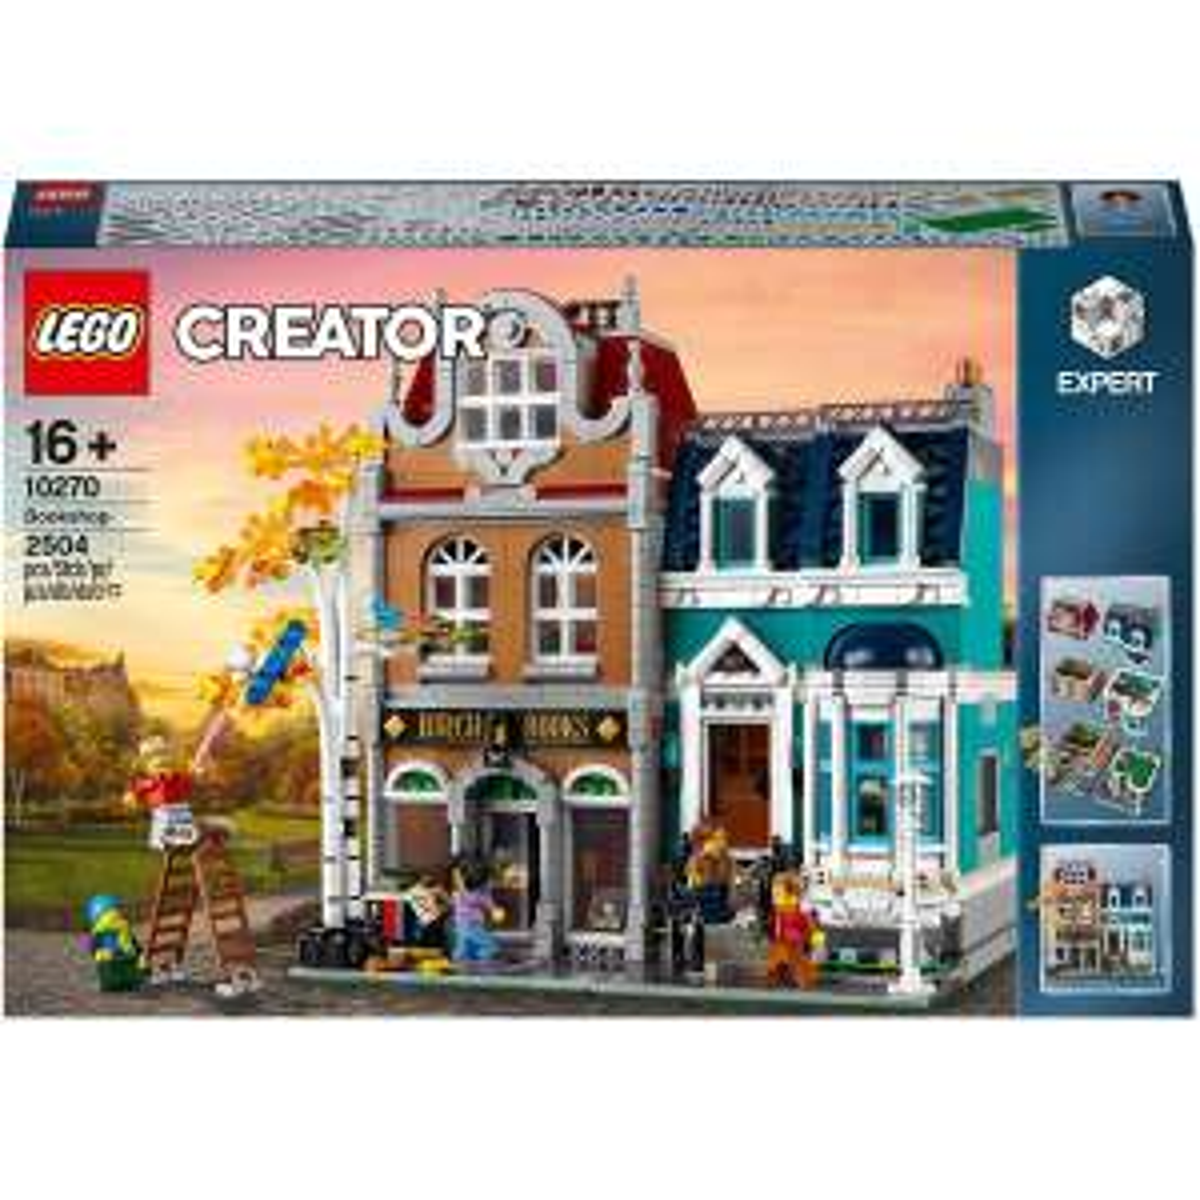 Lego Creator Expert Buchhandlung 10270